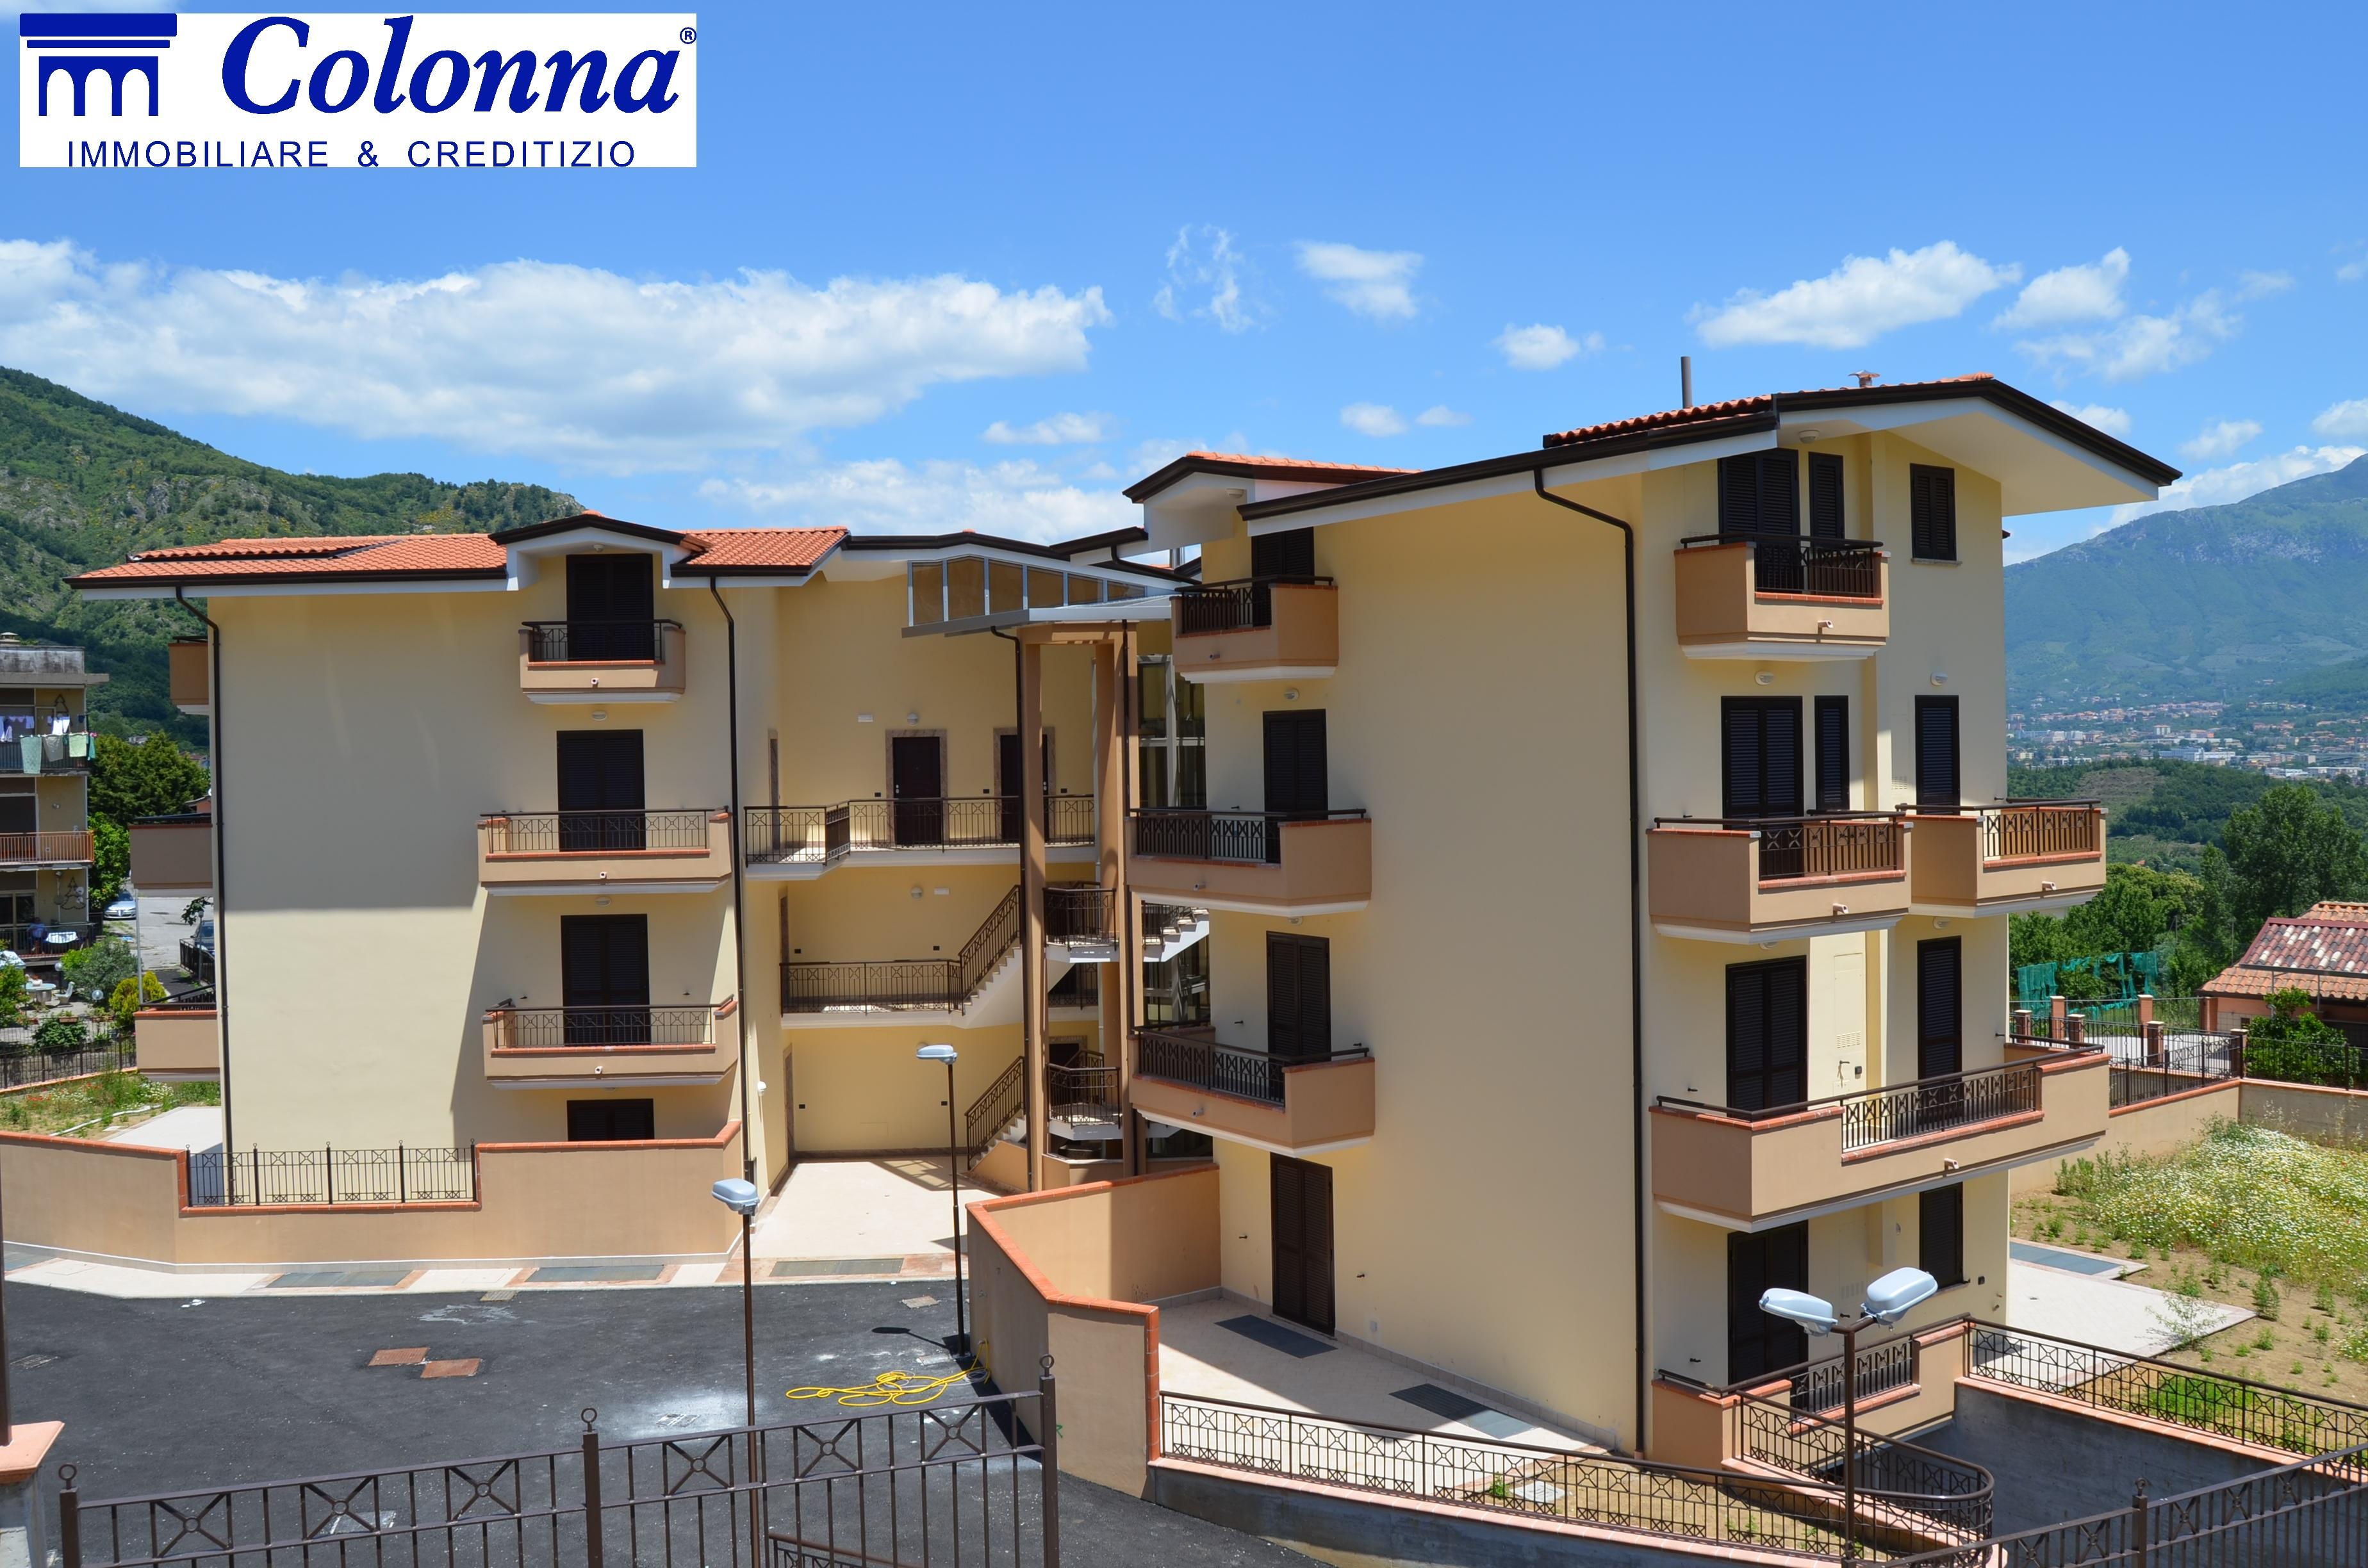 Appartamento di nuova costruzione con terrazzo e giardino a Pellezzano